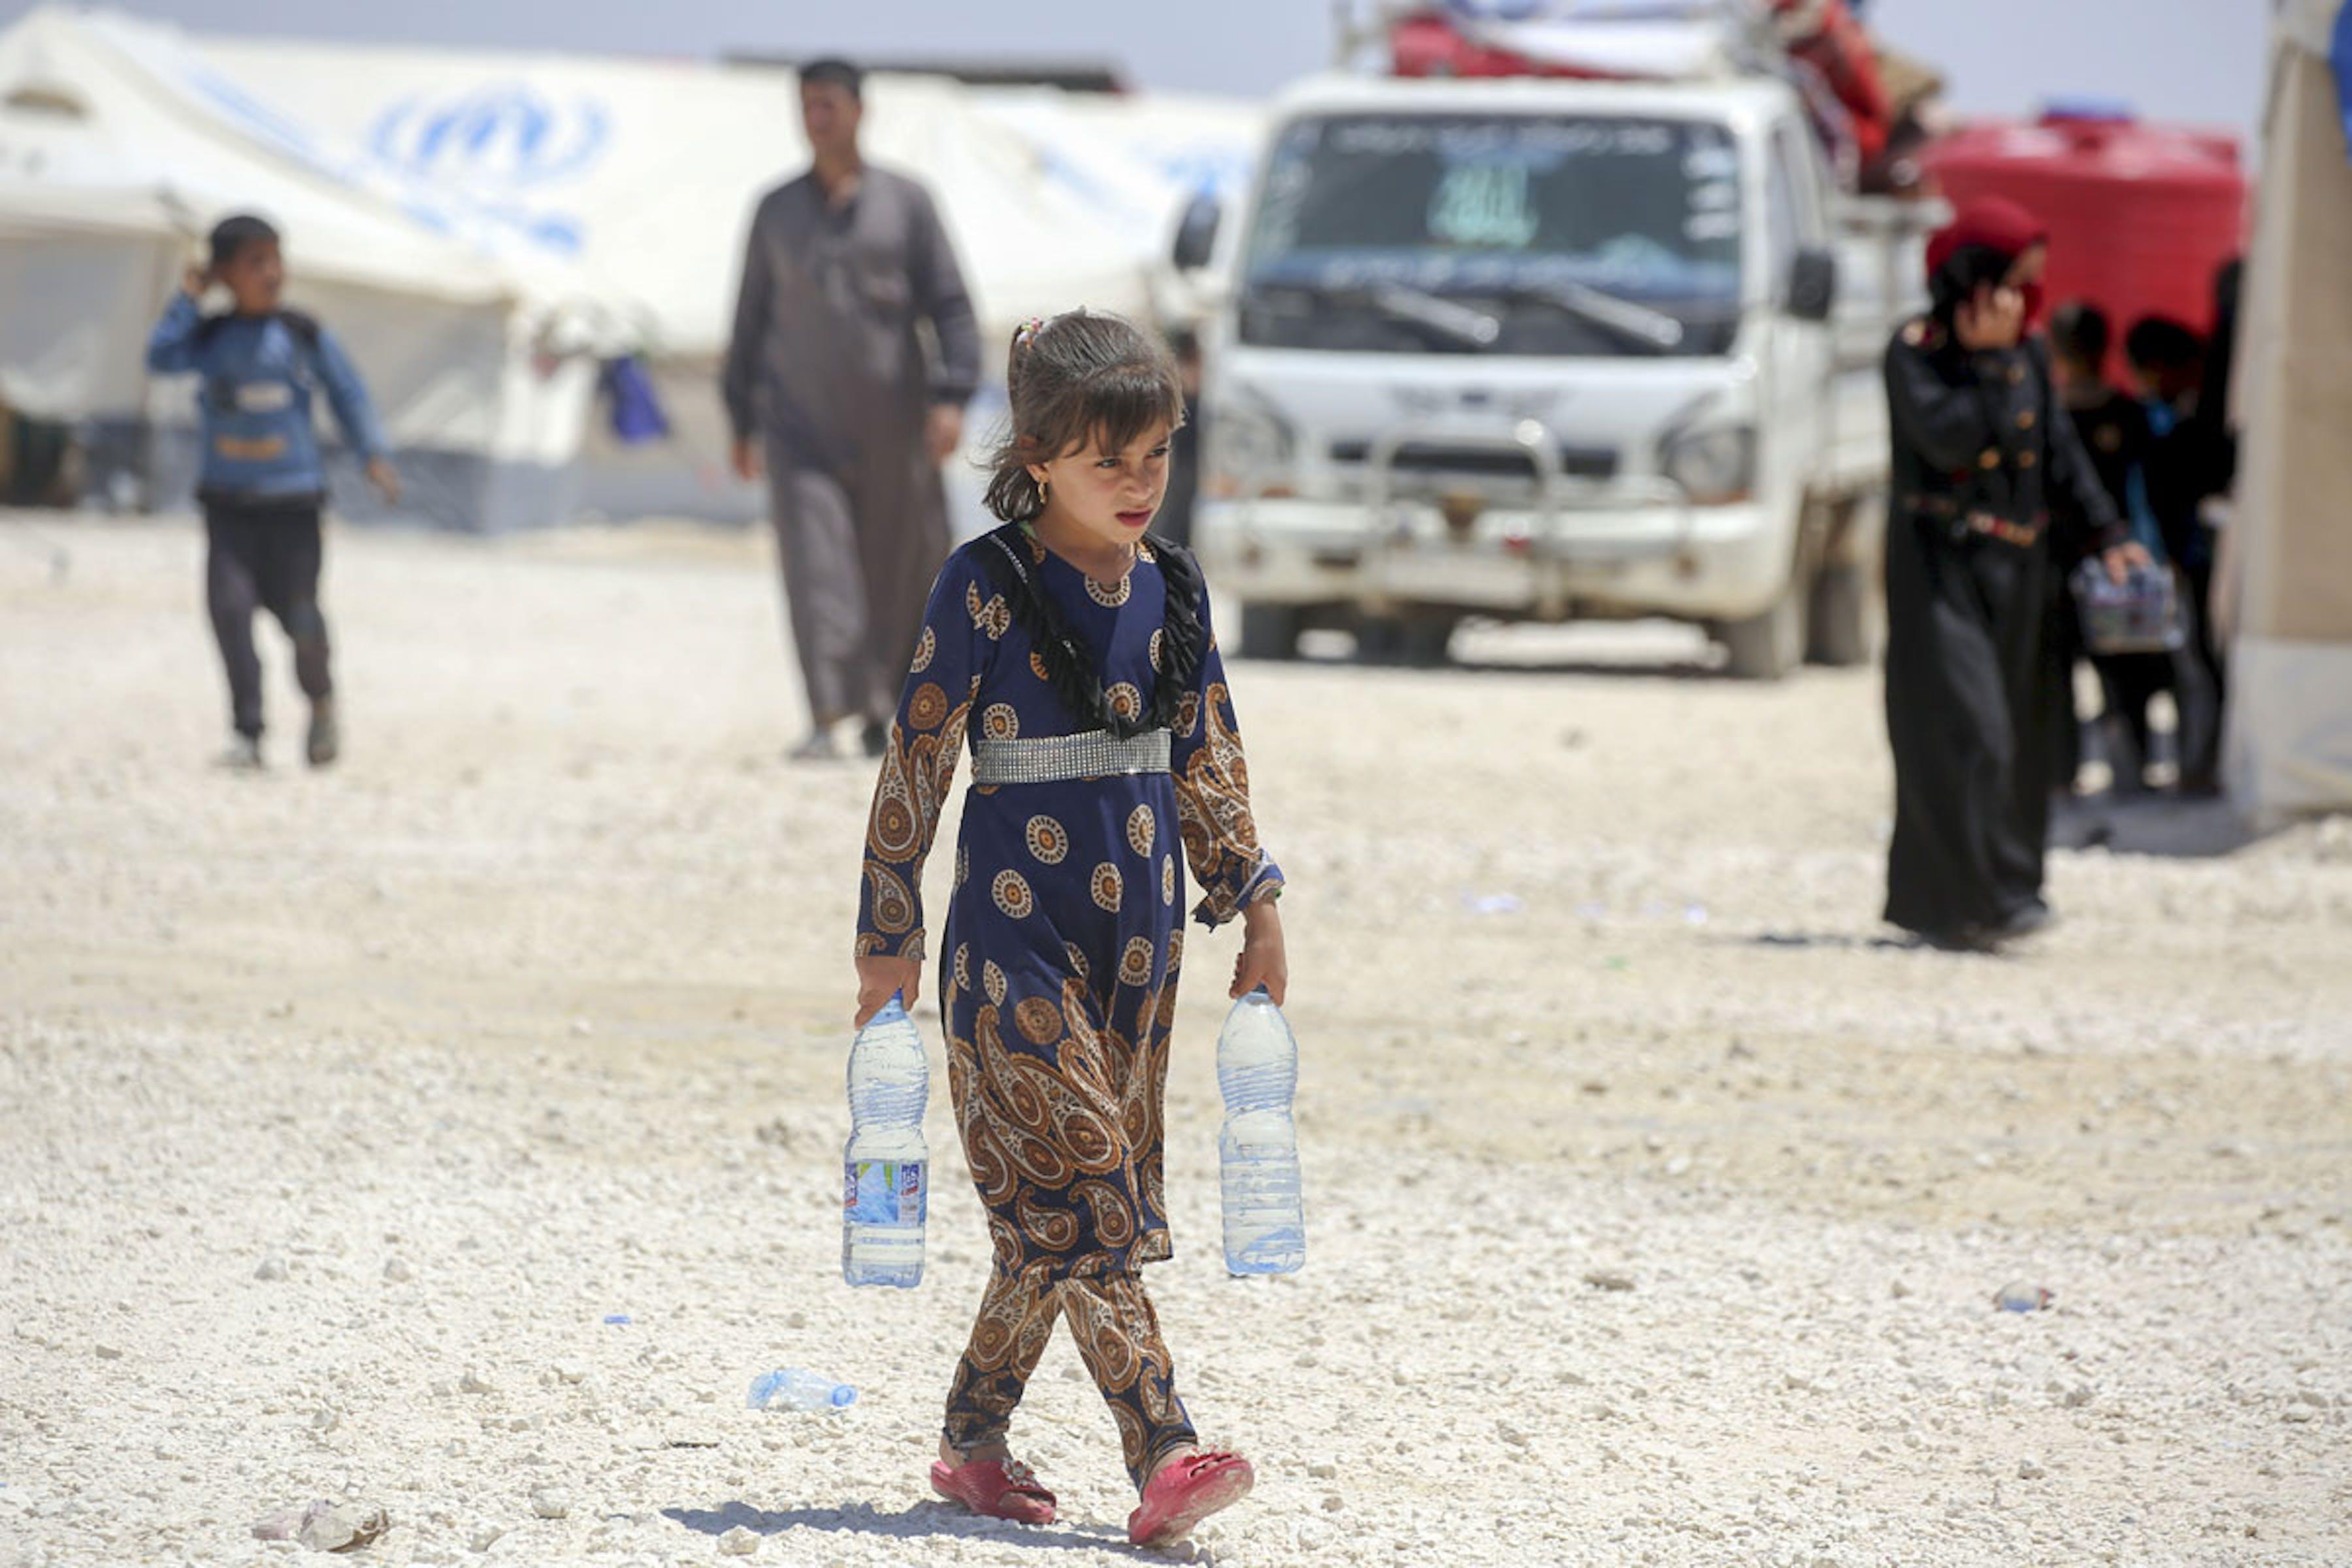 Ain Issa è uno dei campi in cui sono ospitati i 120.000 sfollati che sono riusciti ad abbandonare Raqqa dal novembre 2016 a oggi. L'UNICEF assicura ogni giorno un milione di litri di acqua potabile agli sfollati - ©UNICEF Siria/2017/Delil Souleiman